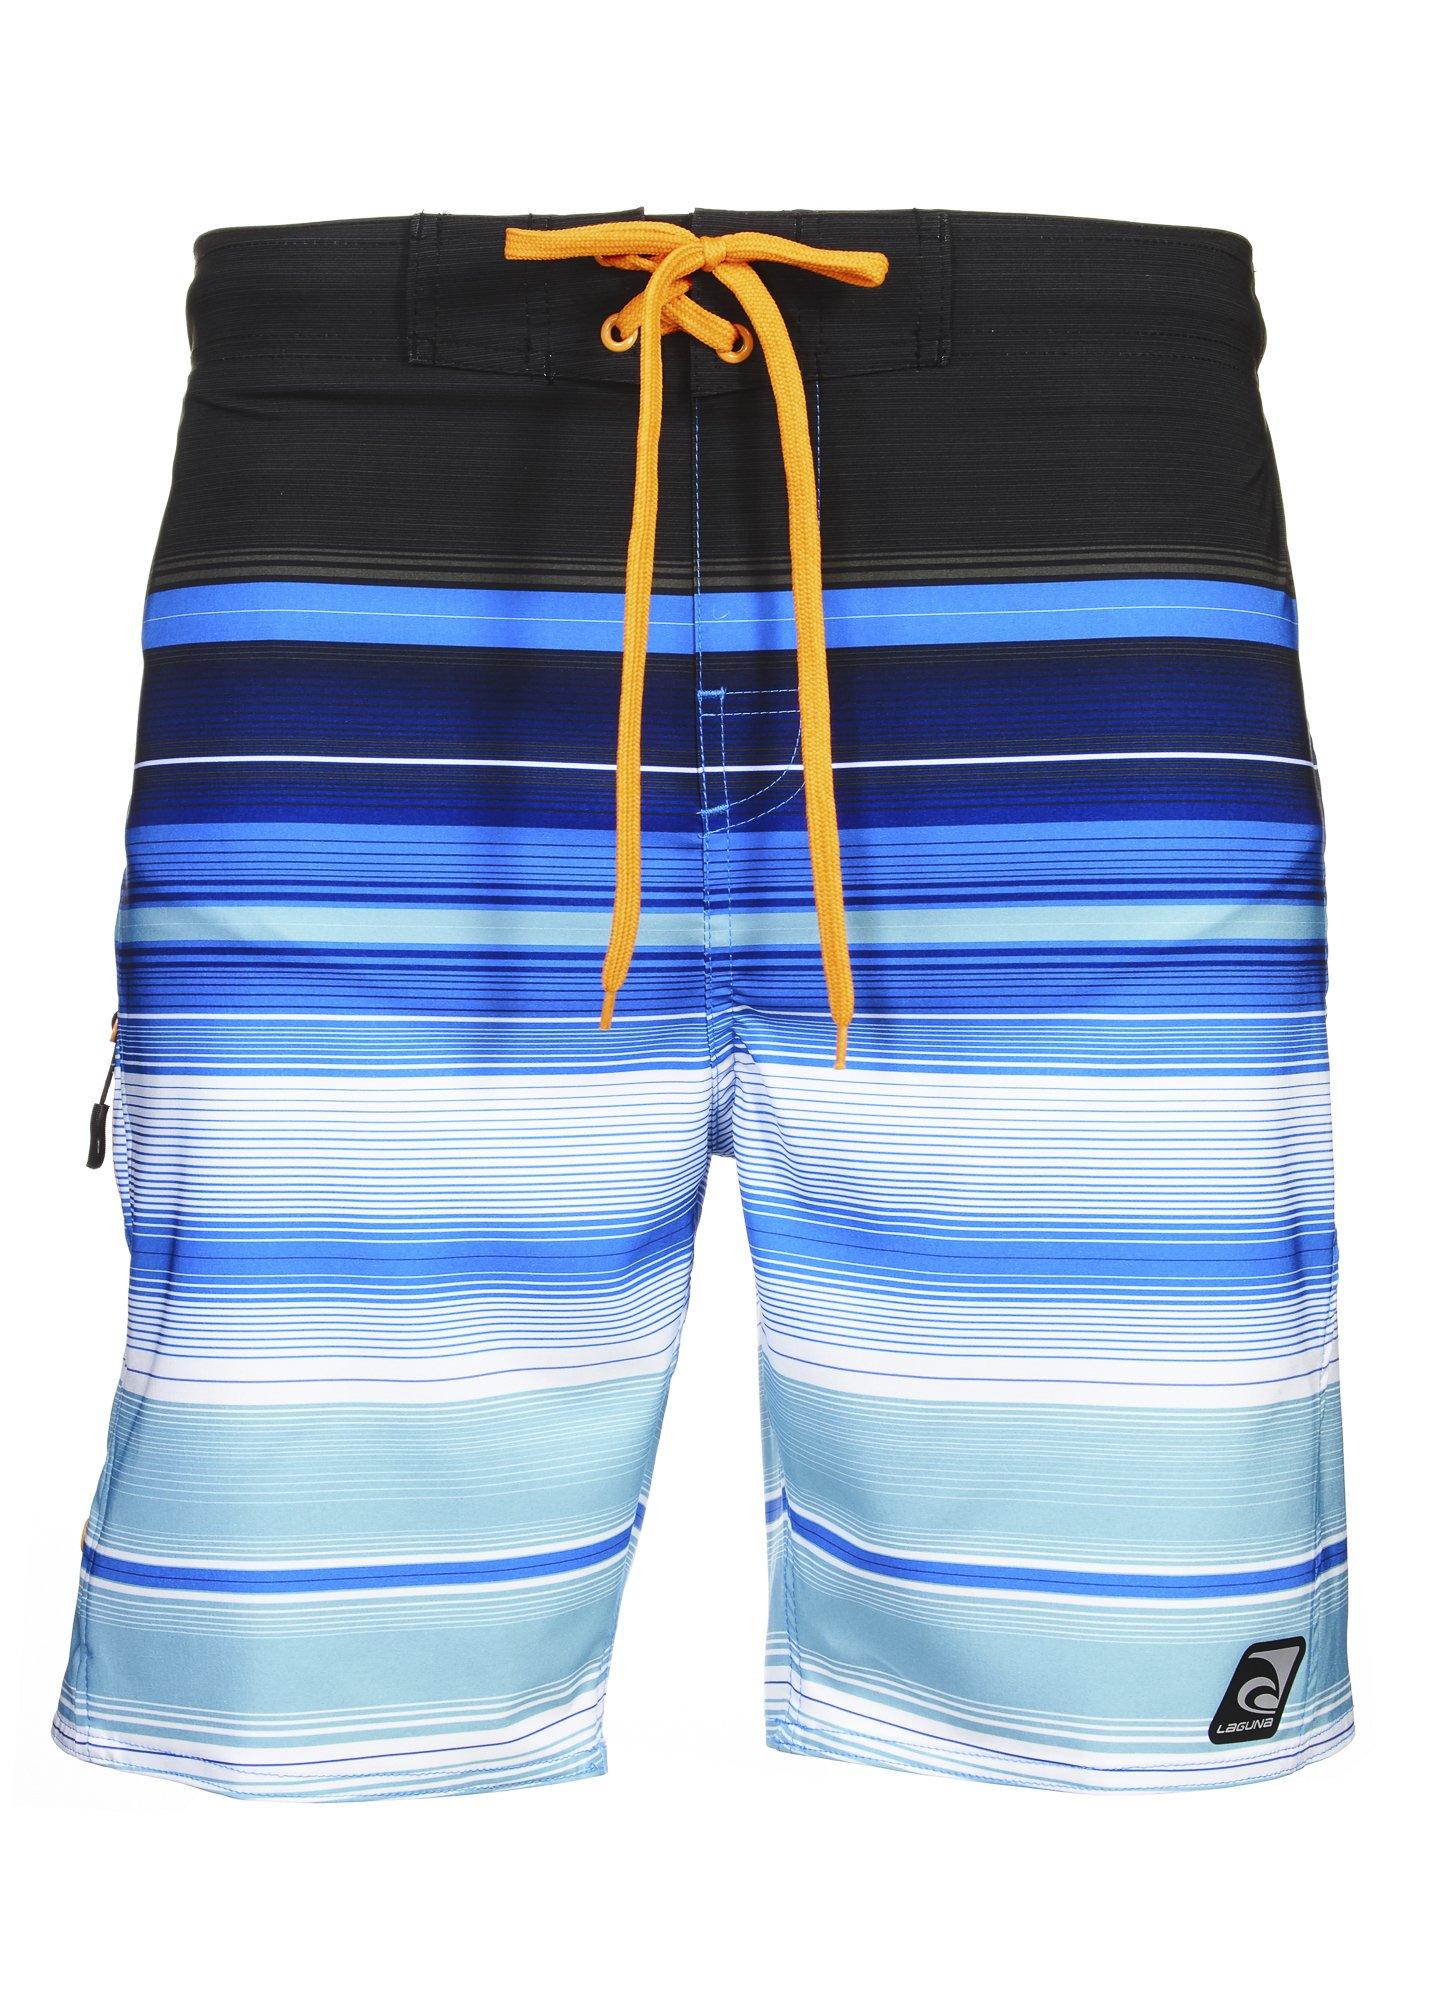 Laguna Mens Stretch Boardshort Swim Trunks Bathing Suits Blue Combo Large